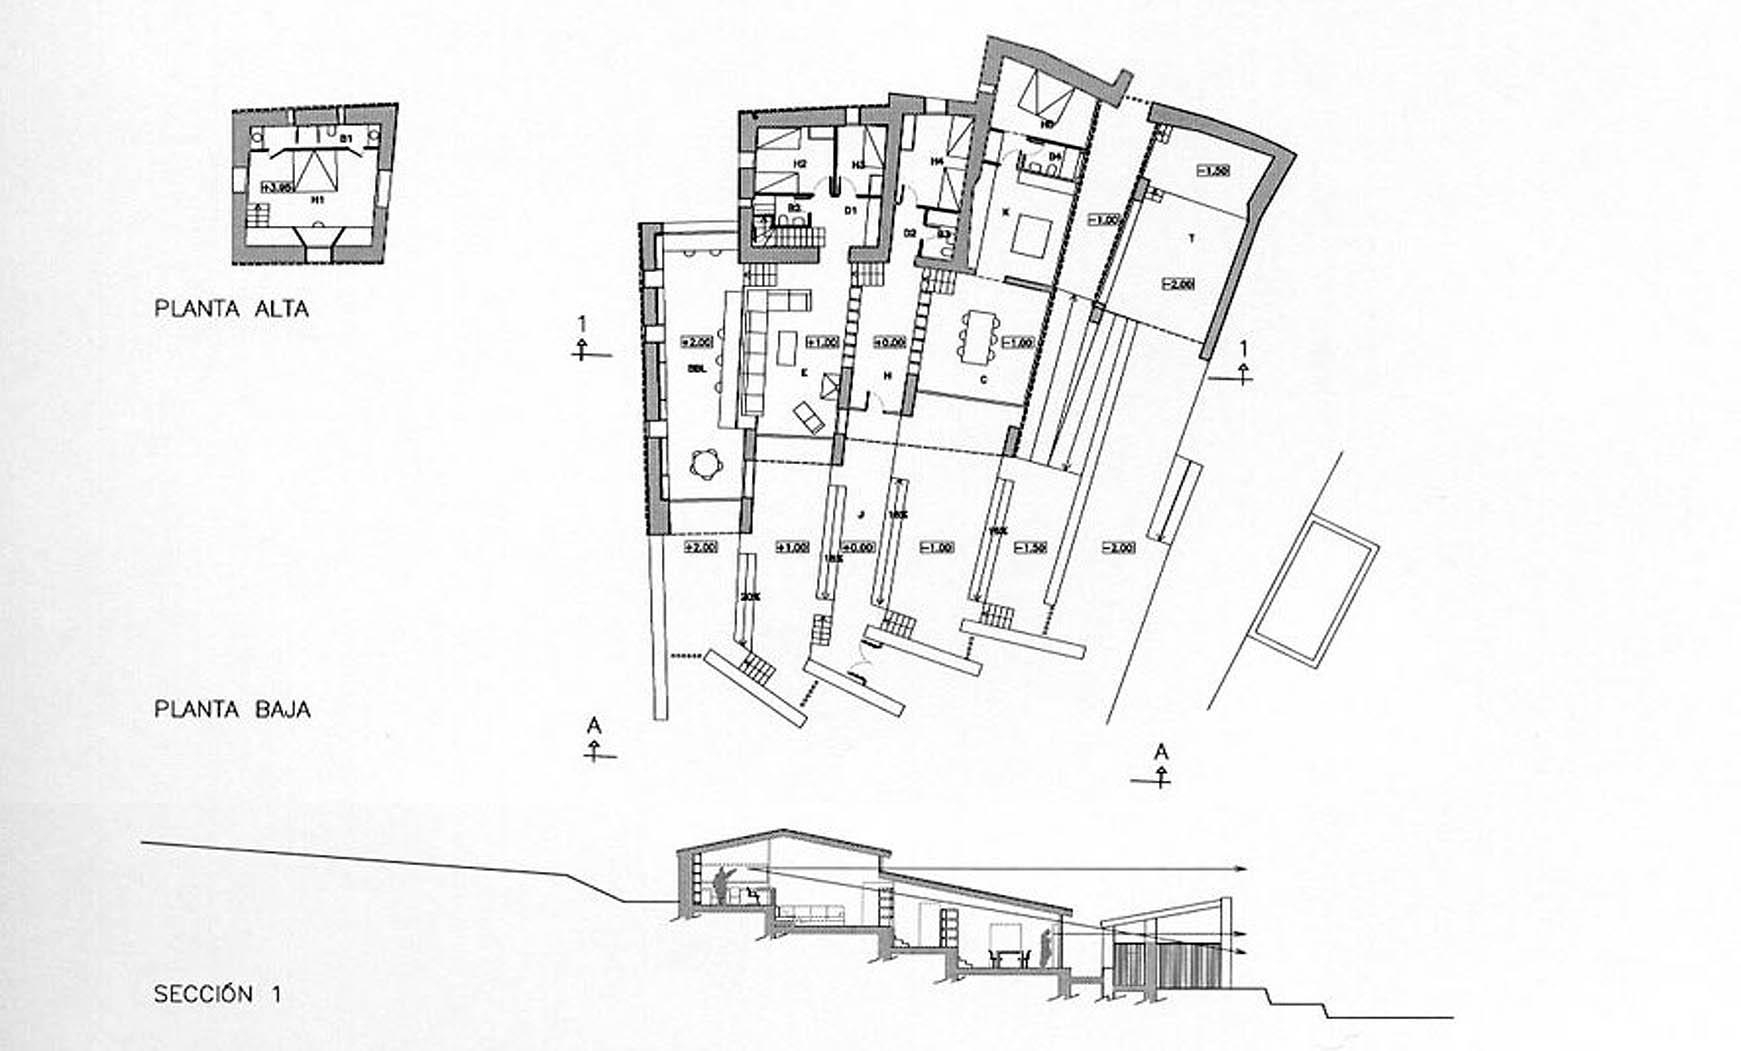 Reconstrucción y ampliación de Mas Sa Cruïlla, Cadaqués. Anteproyecto, 2003